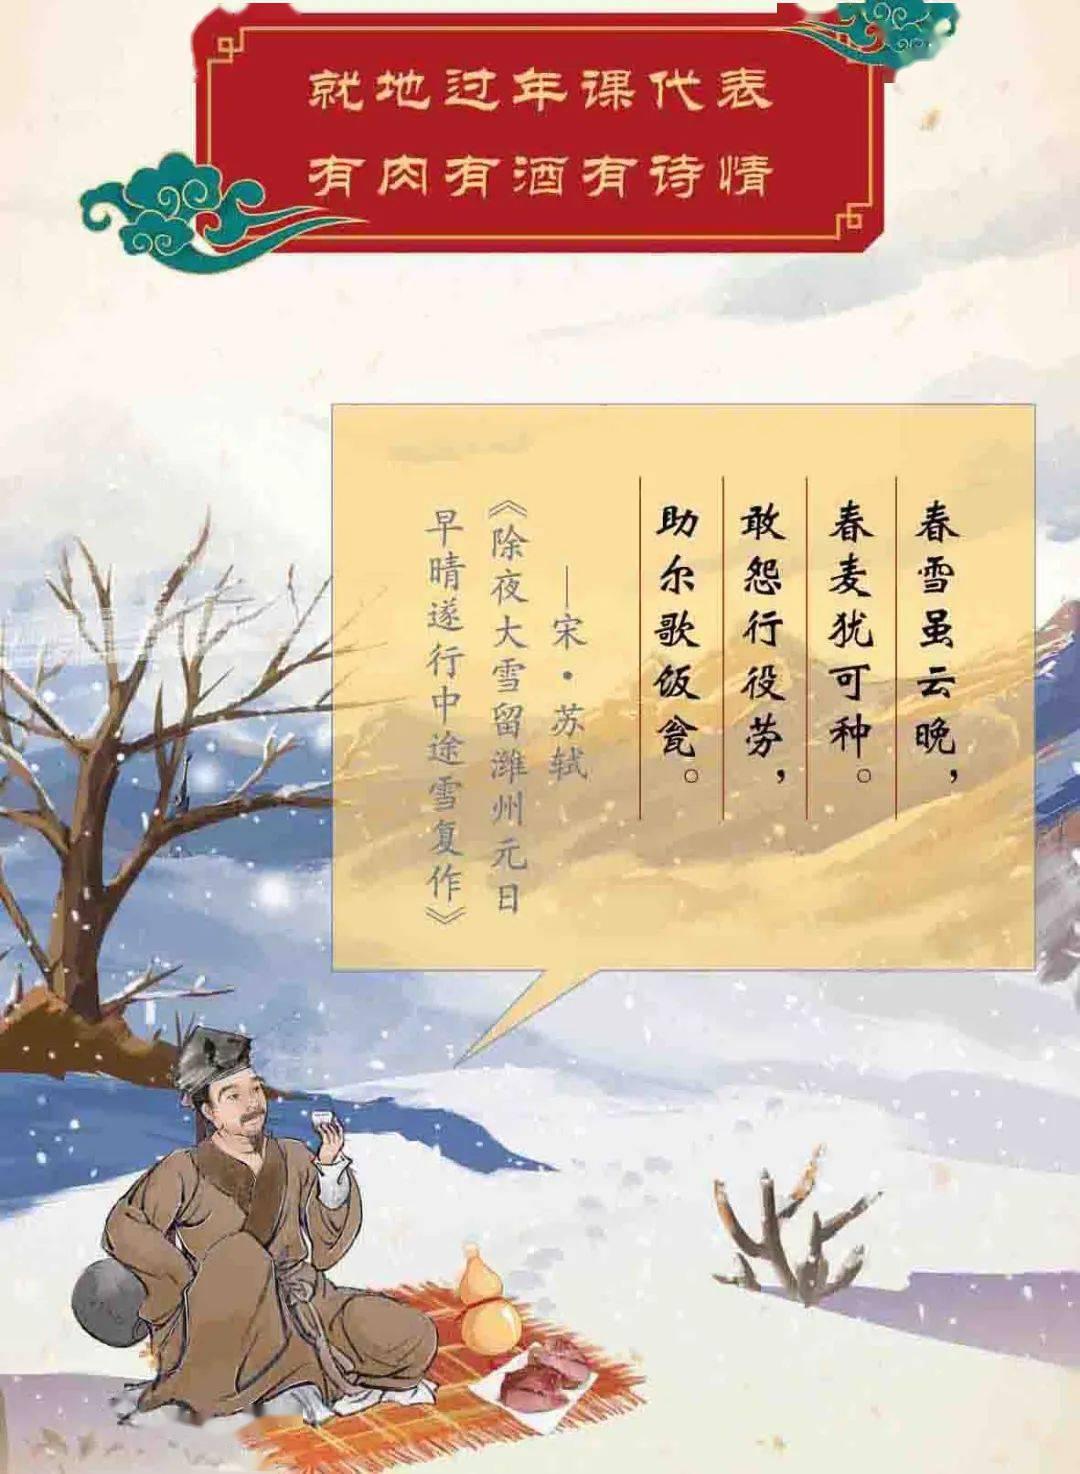 长图丨就地过年,古代诗人秀出新花样  第15张